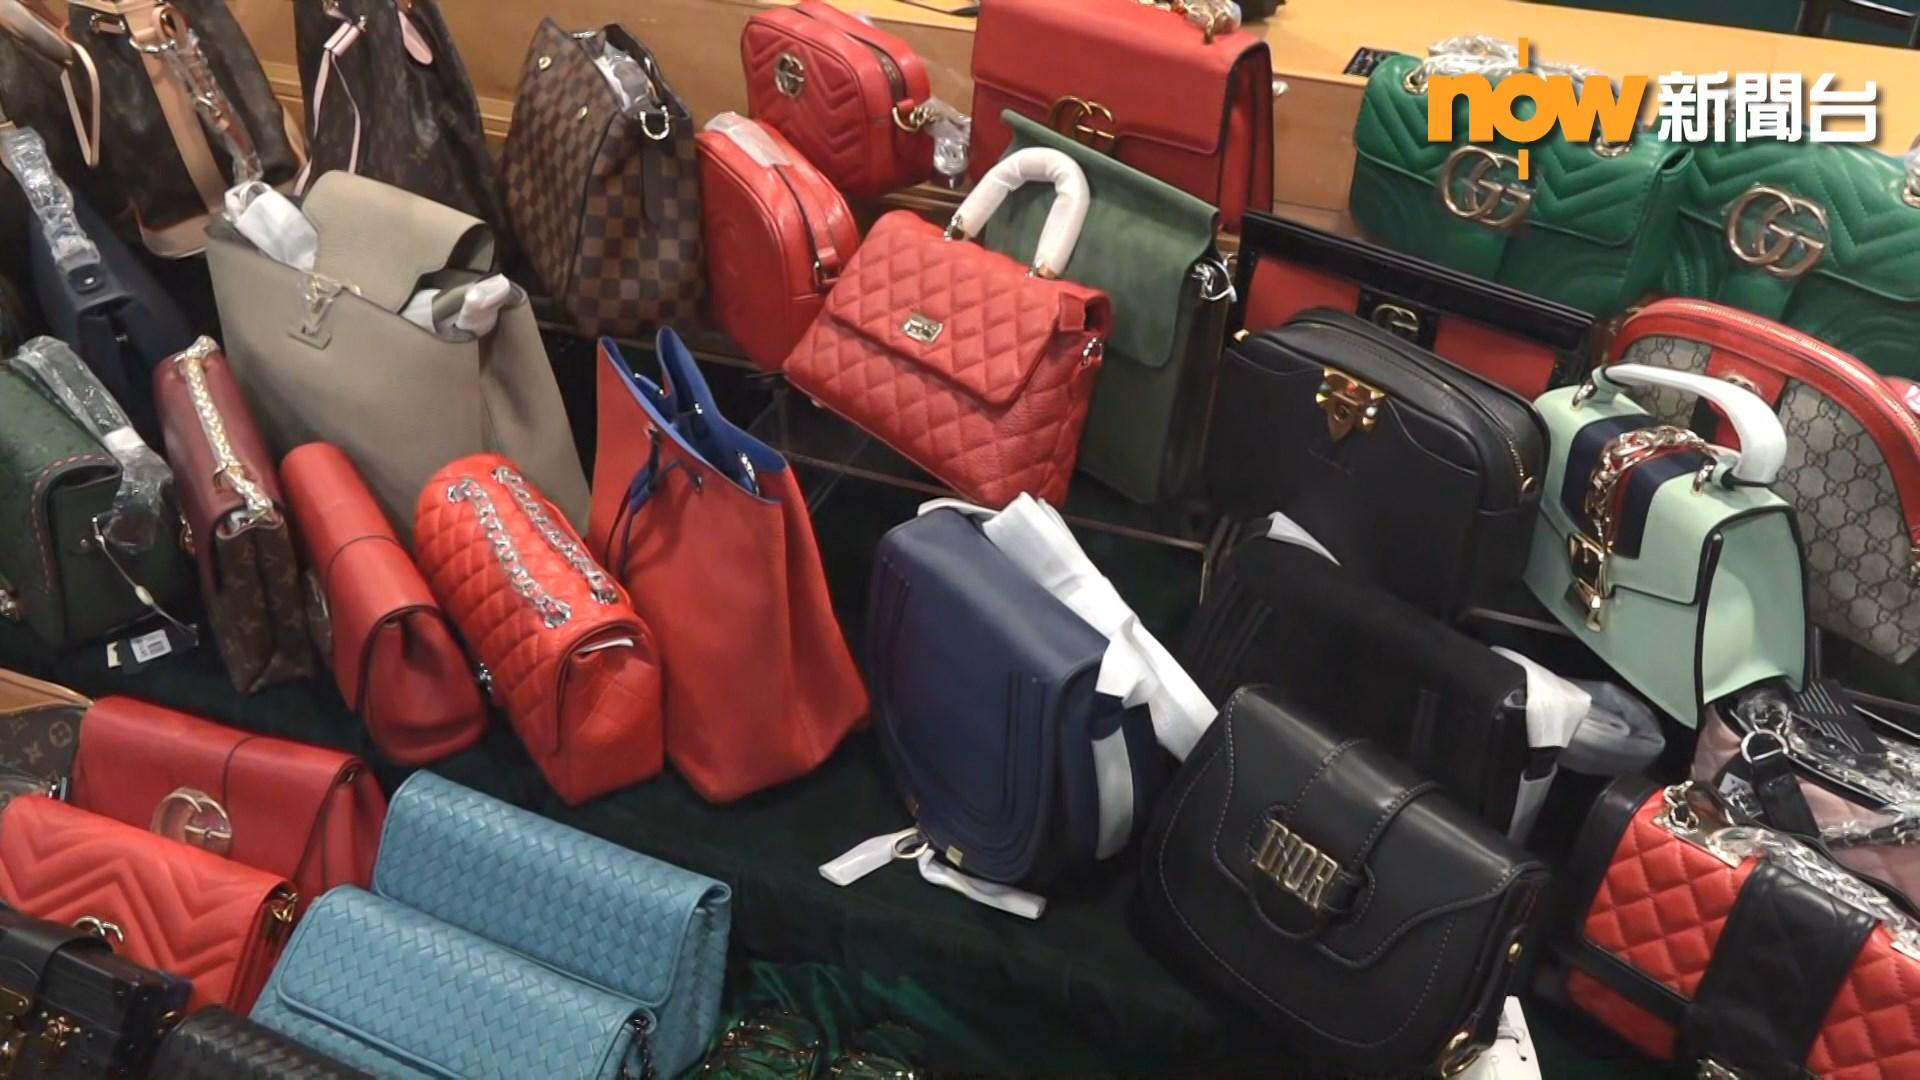 海關破通菜街冒牌貨集團拘六人